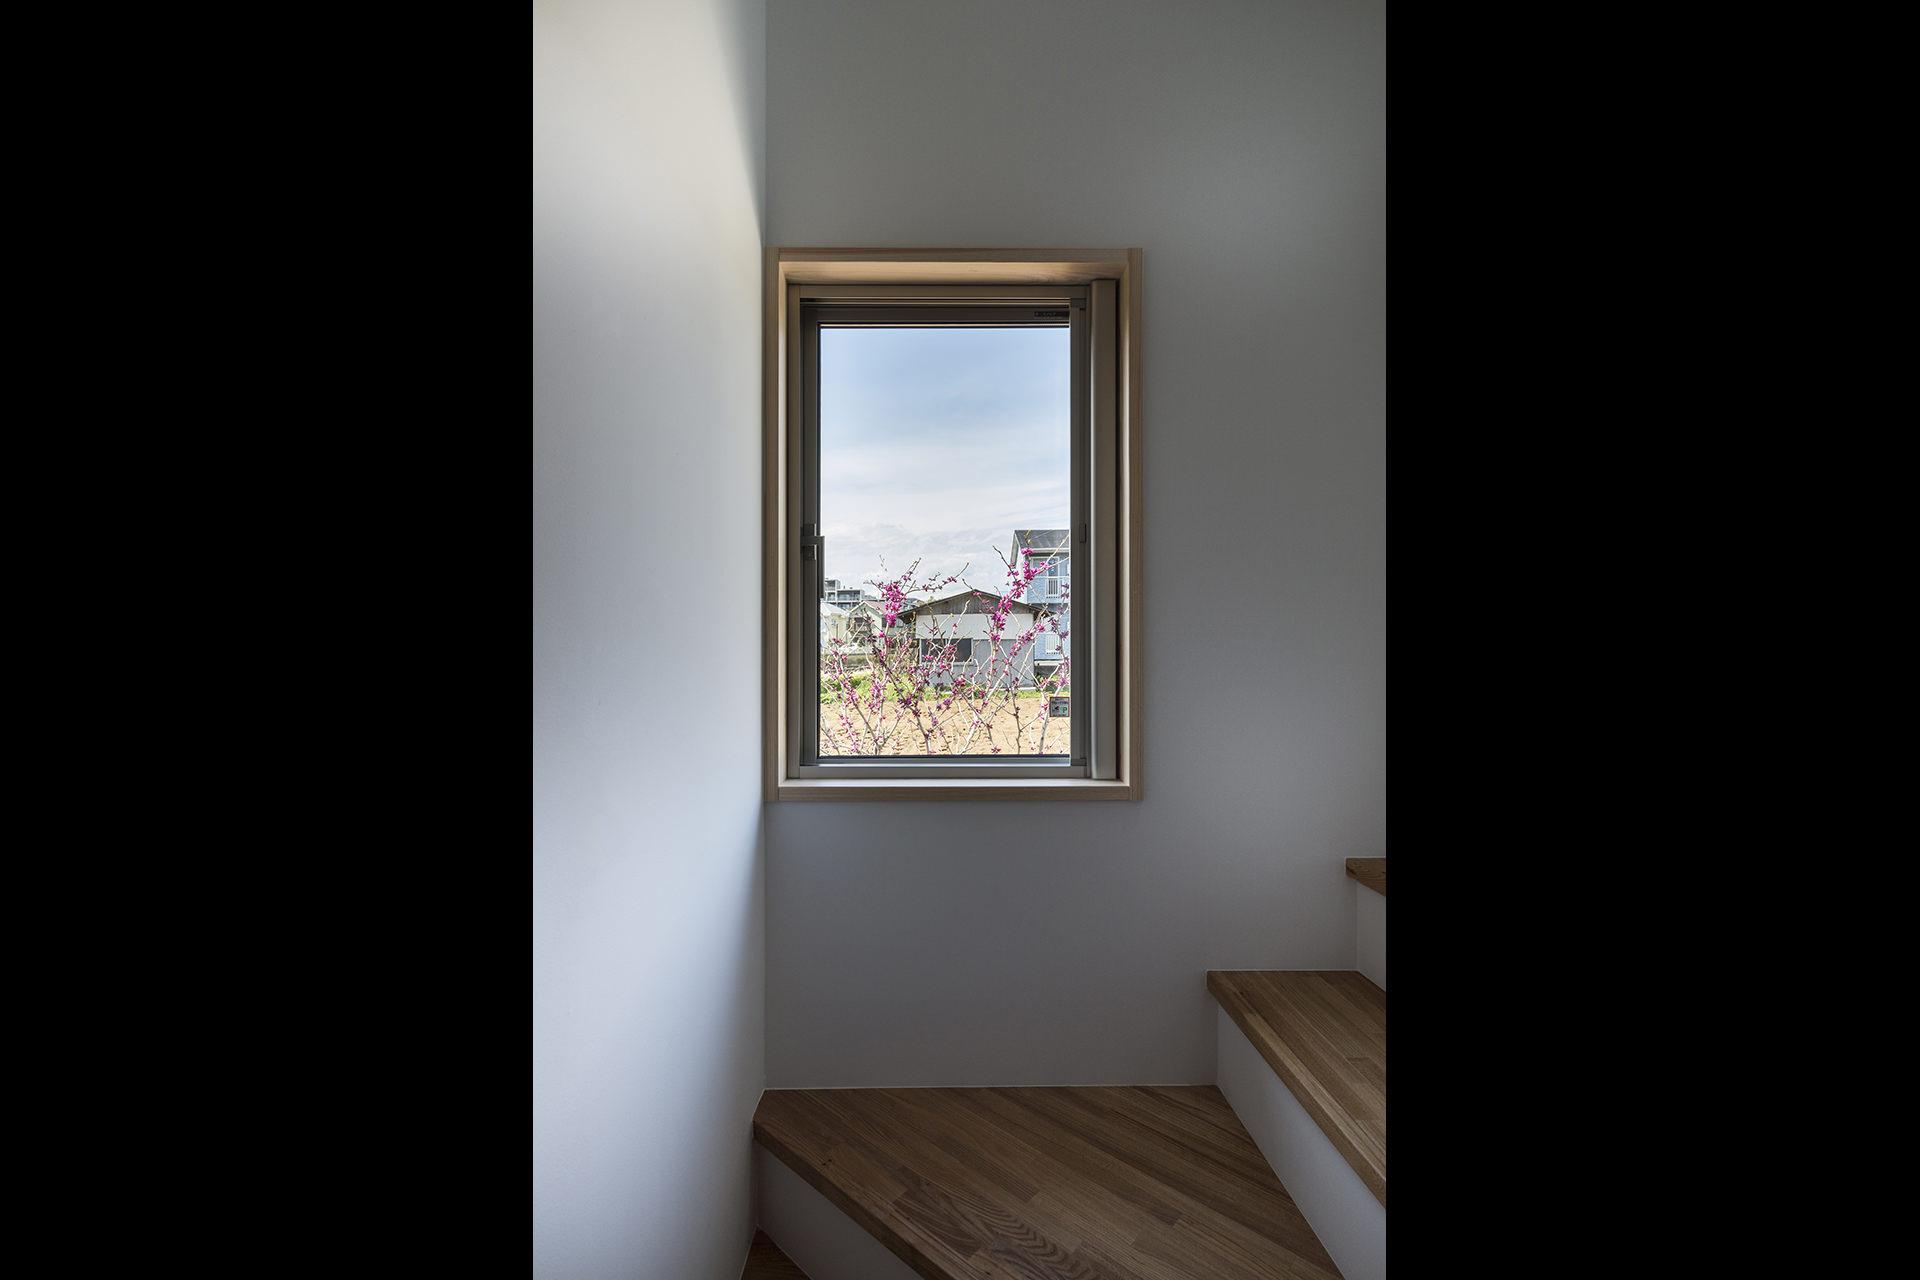 鶴川の家 Ⅳ イメージ9 撮影:東涌写真事務所・東涌宏和